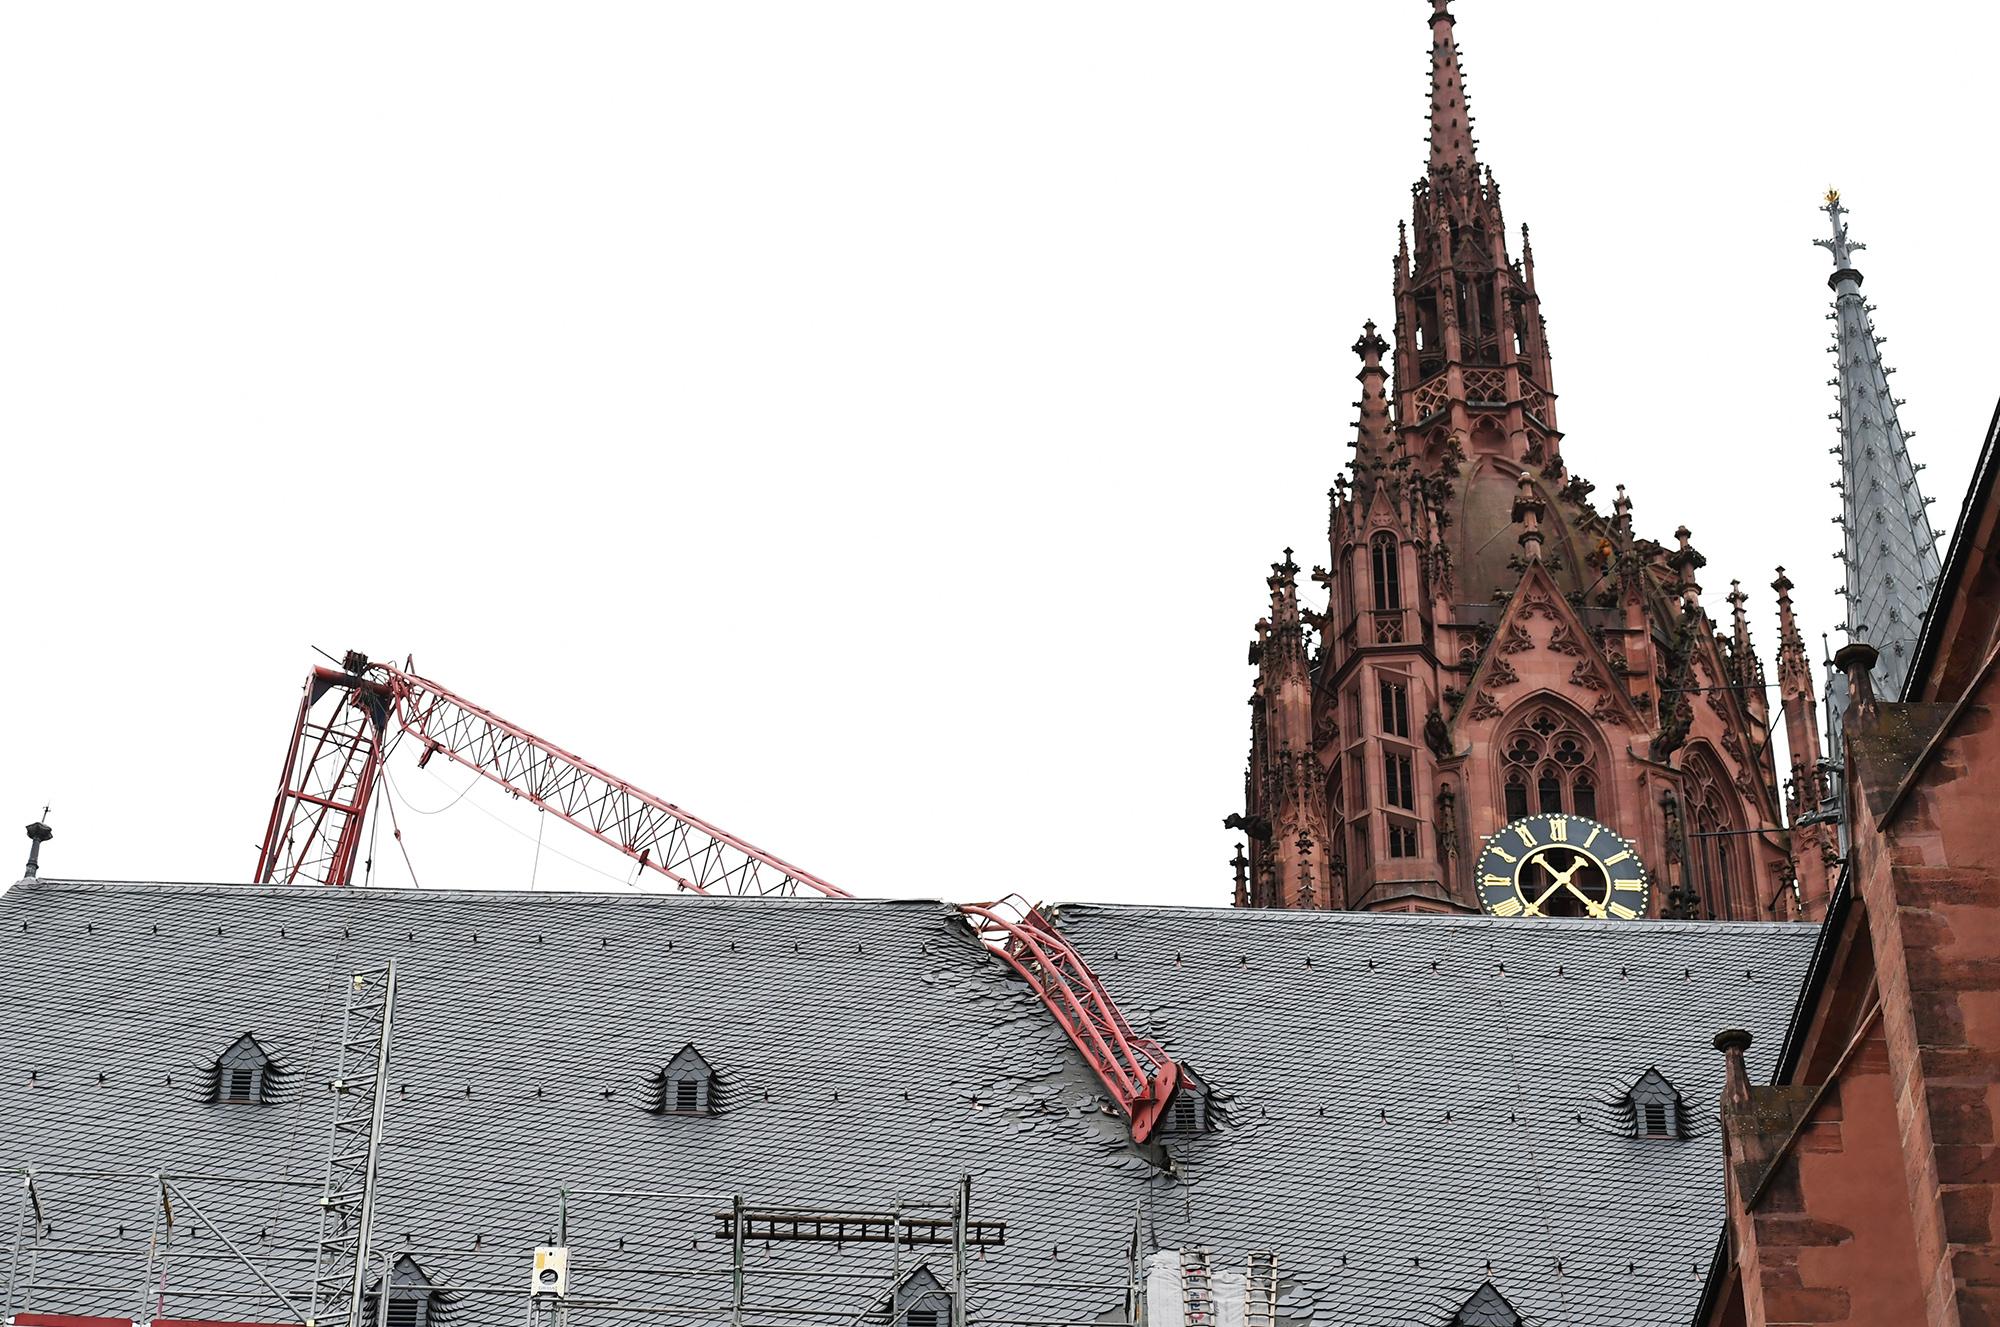 Стрела строительного крана, снесенного ураганным ветром, прогнулась иупала накрышу Франкфуртского собора, Германия.